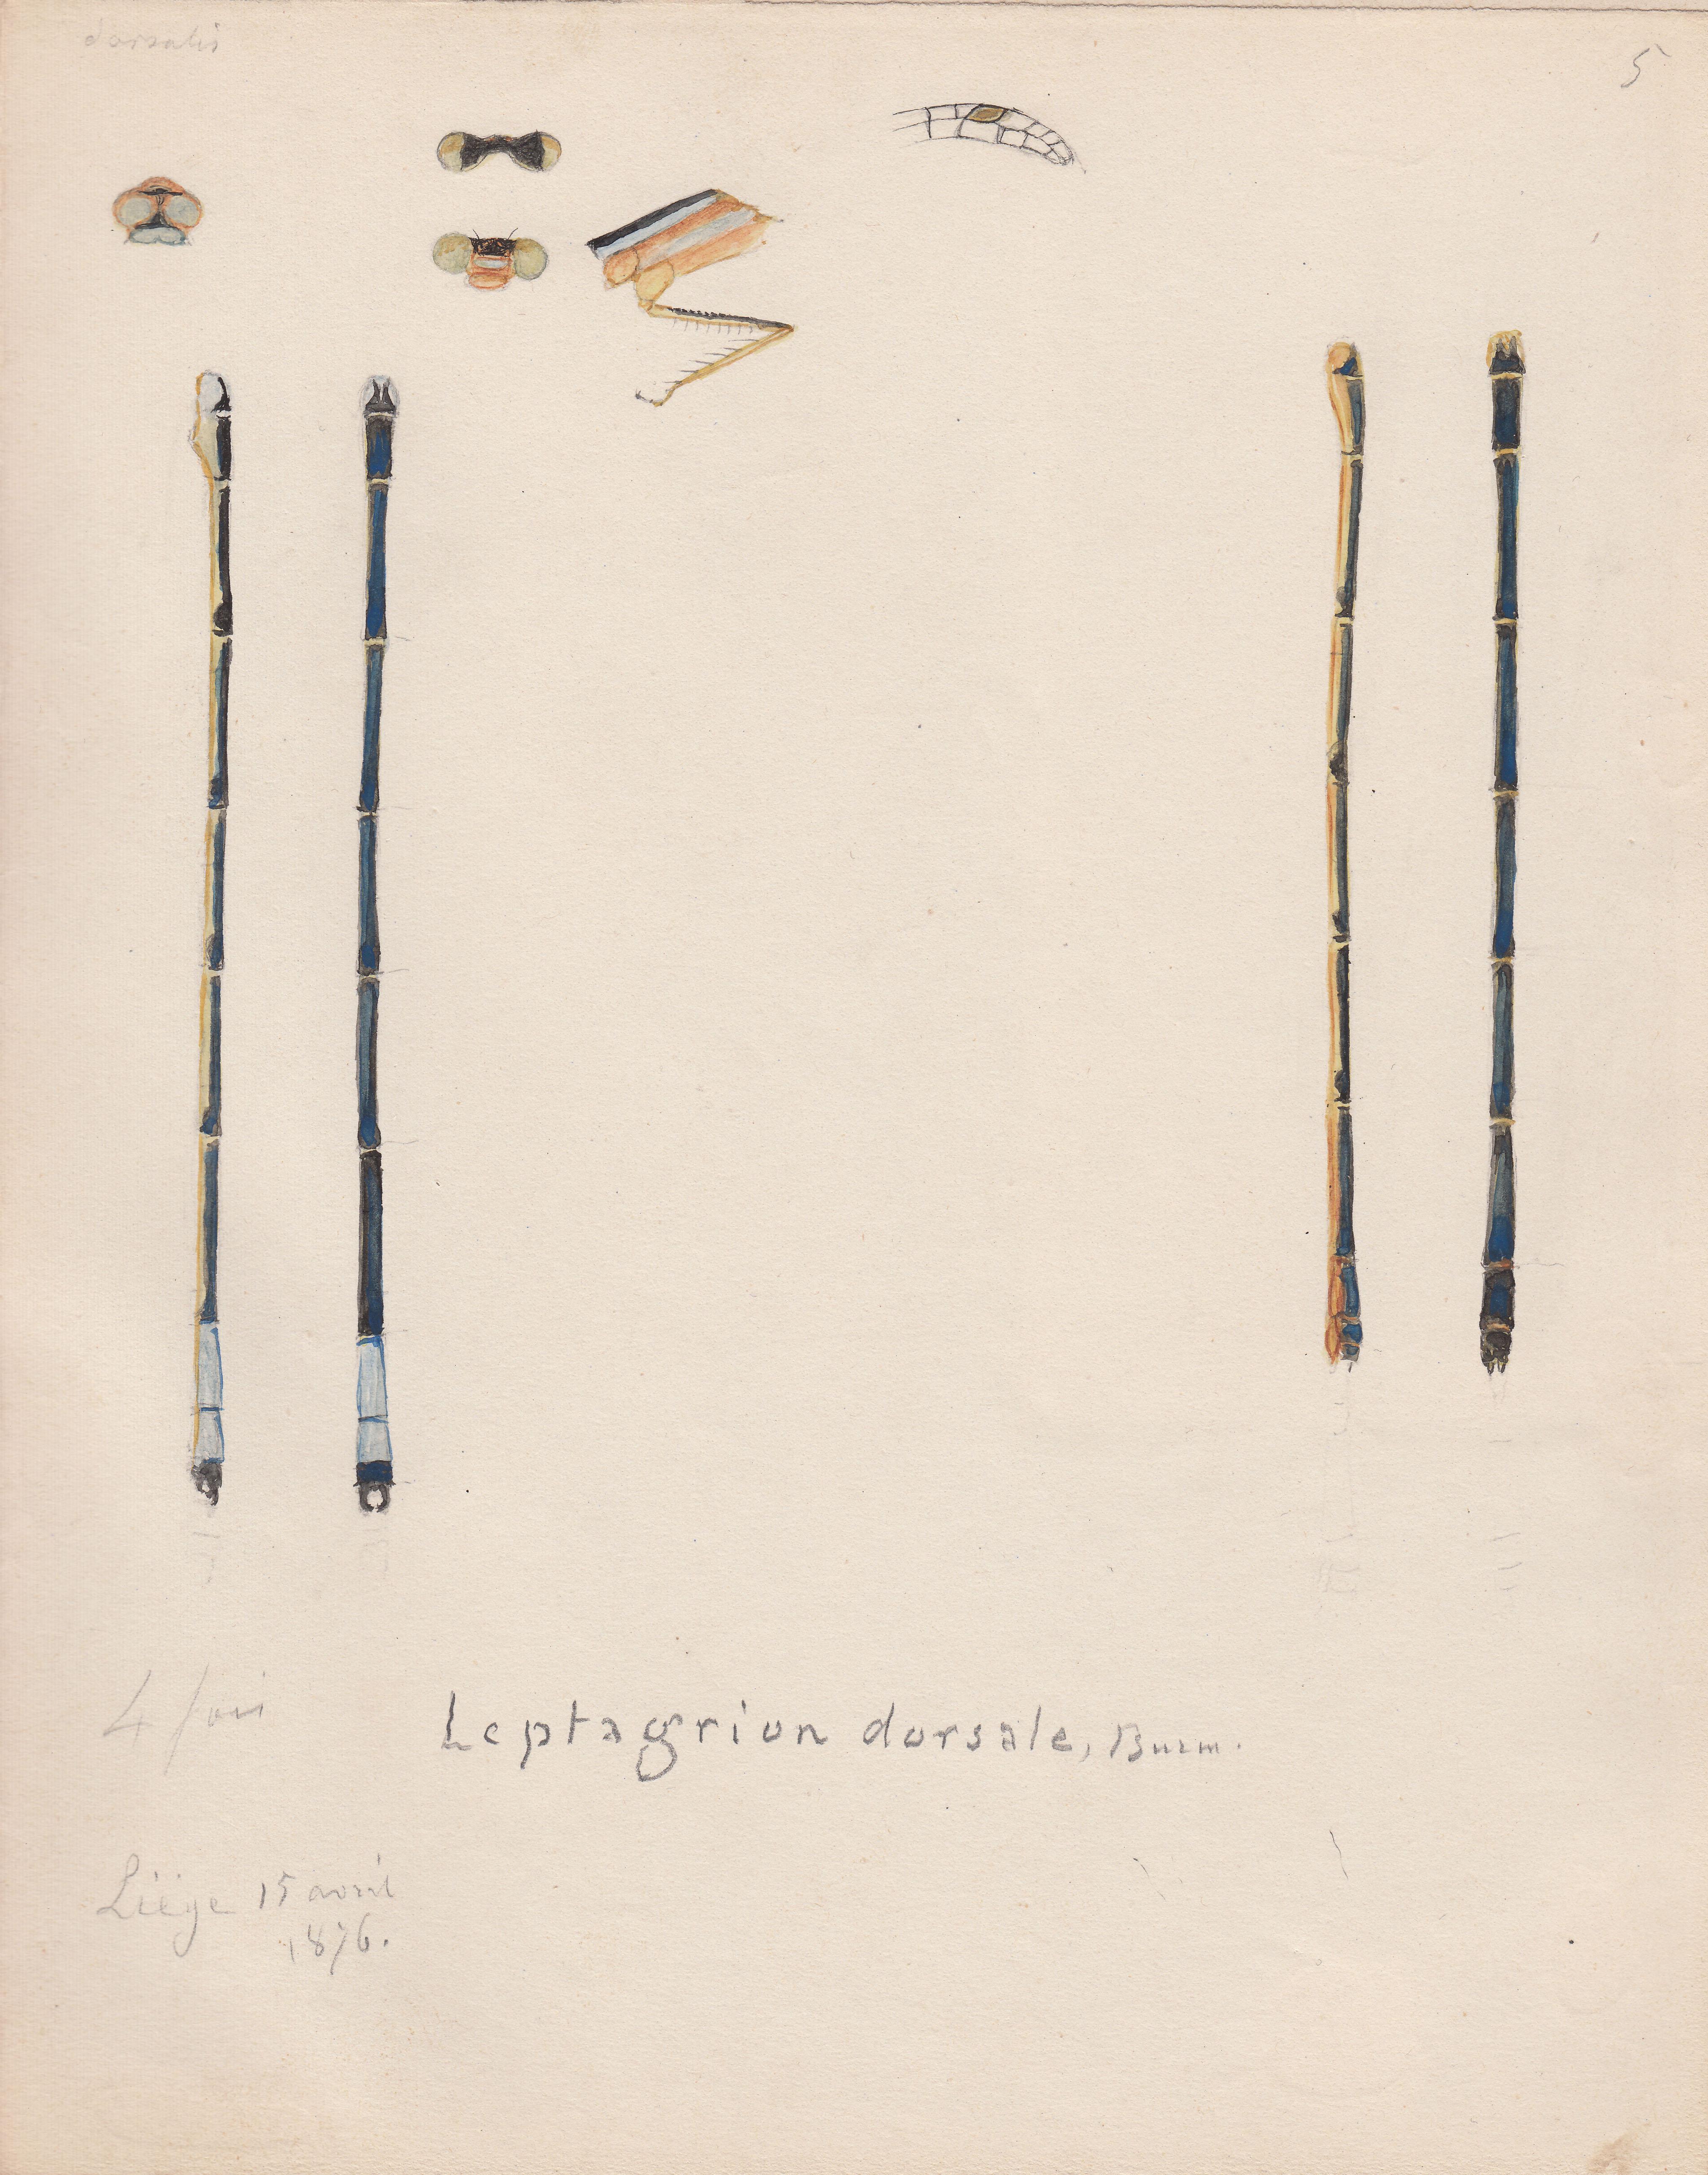 Leptagrion dorsale.jpg